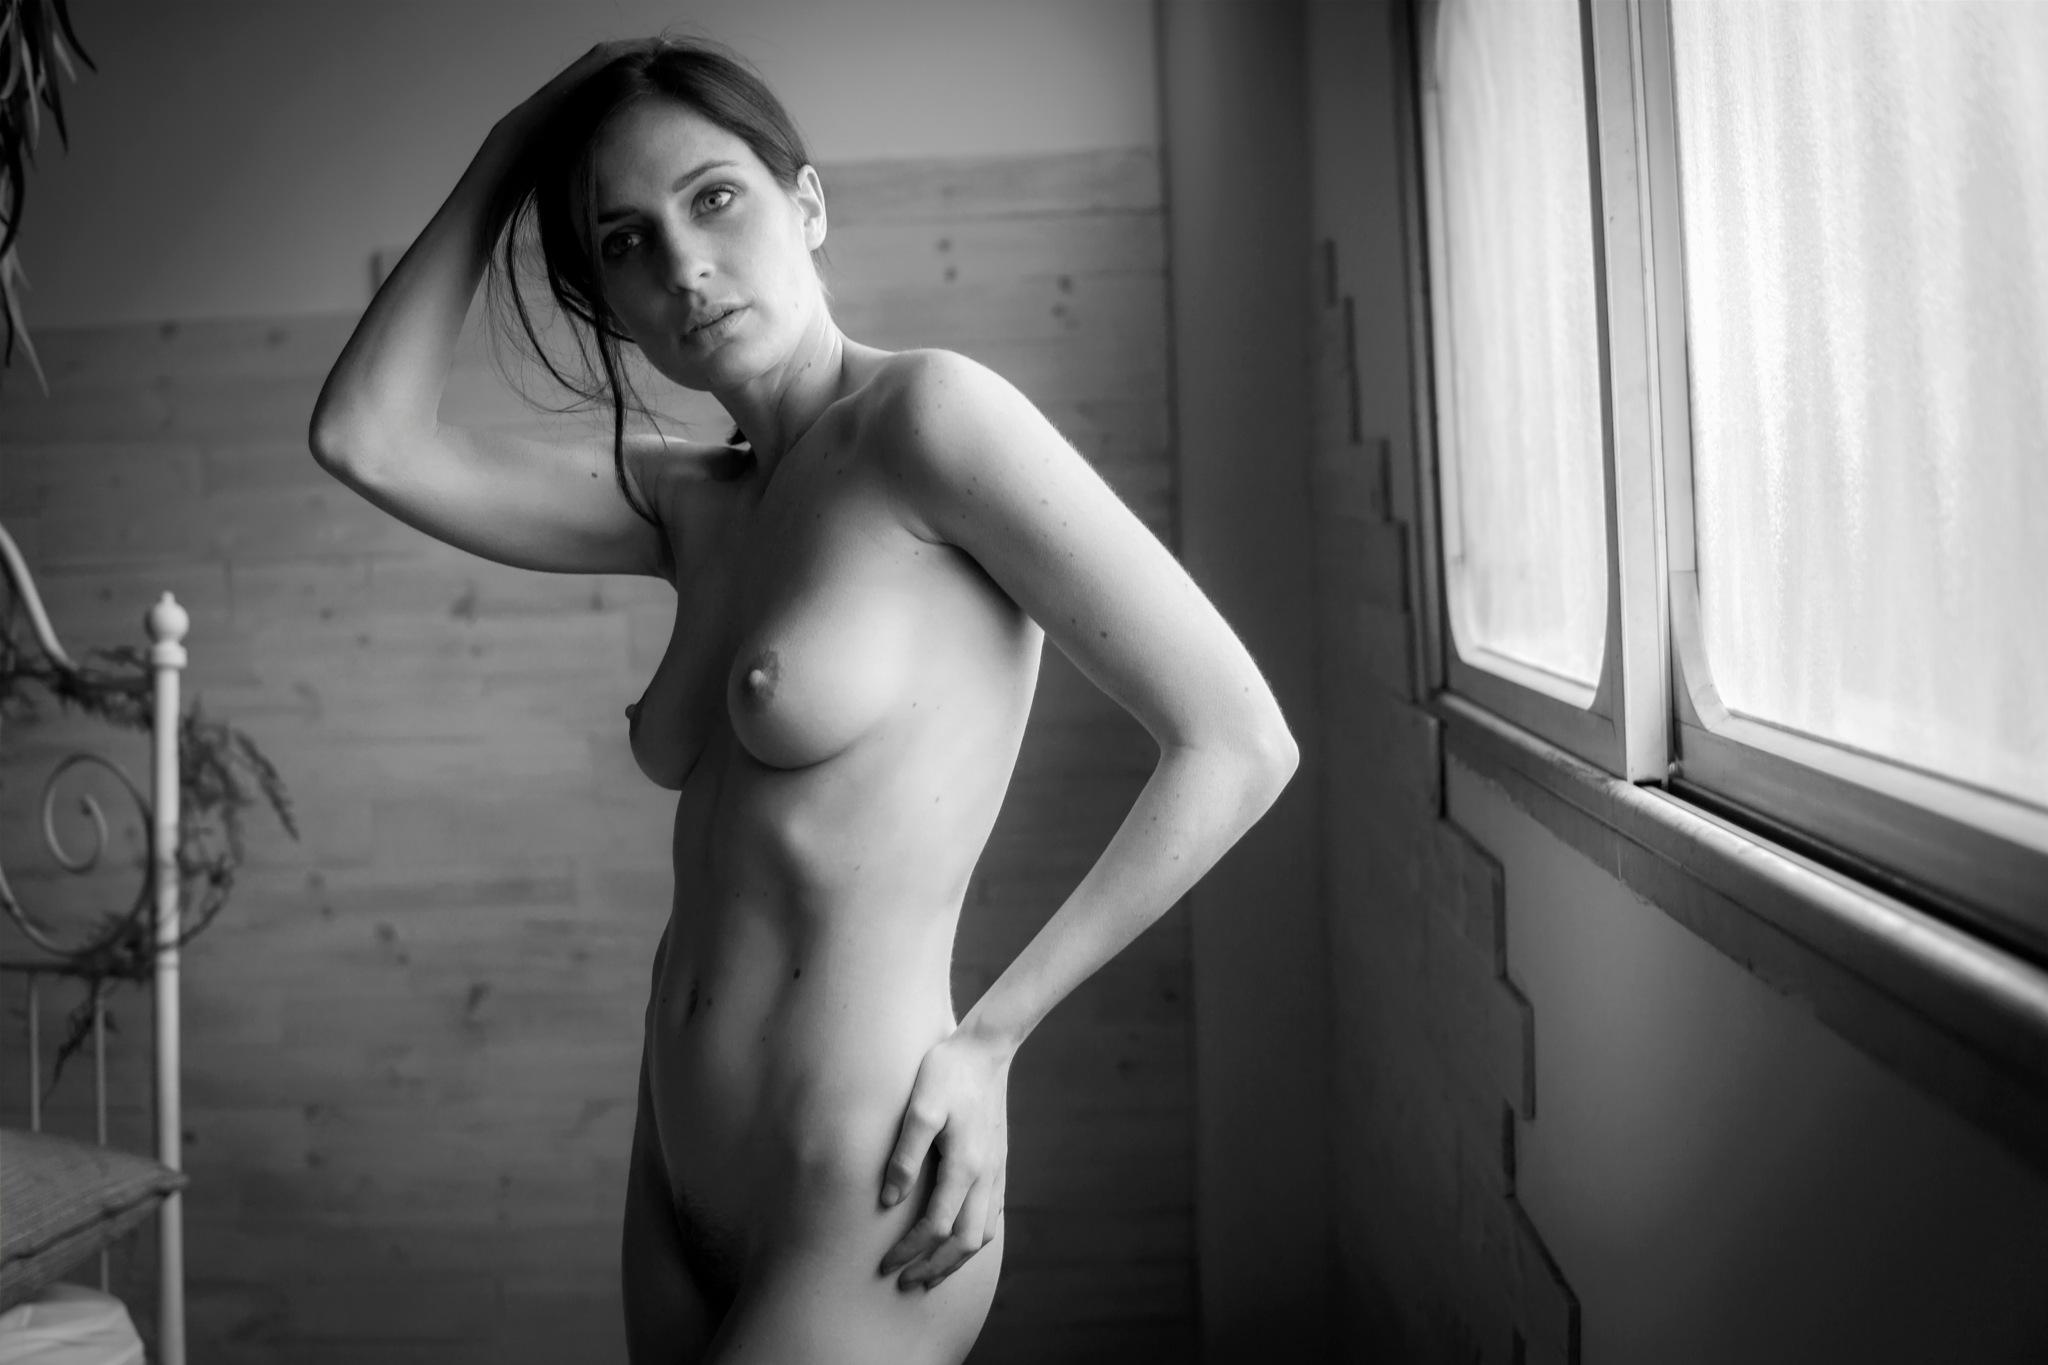 Natalya05642 by Shuki Laufer